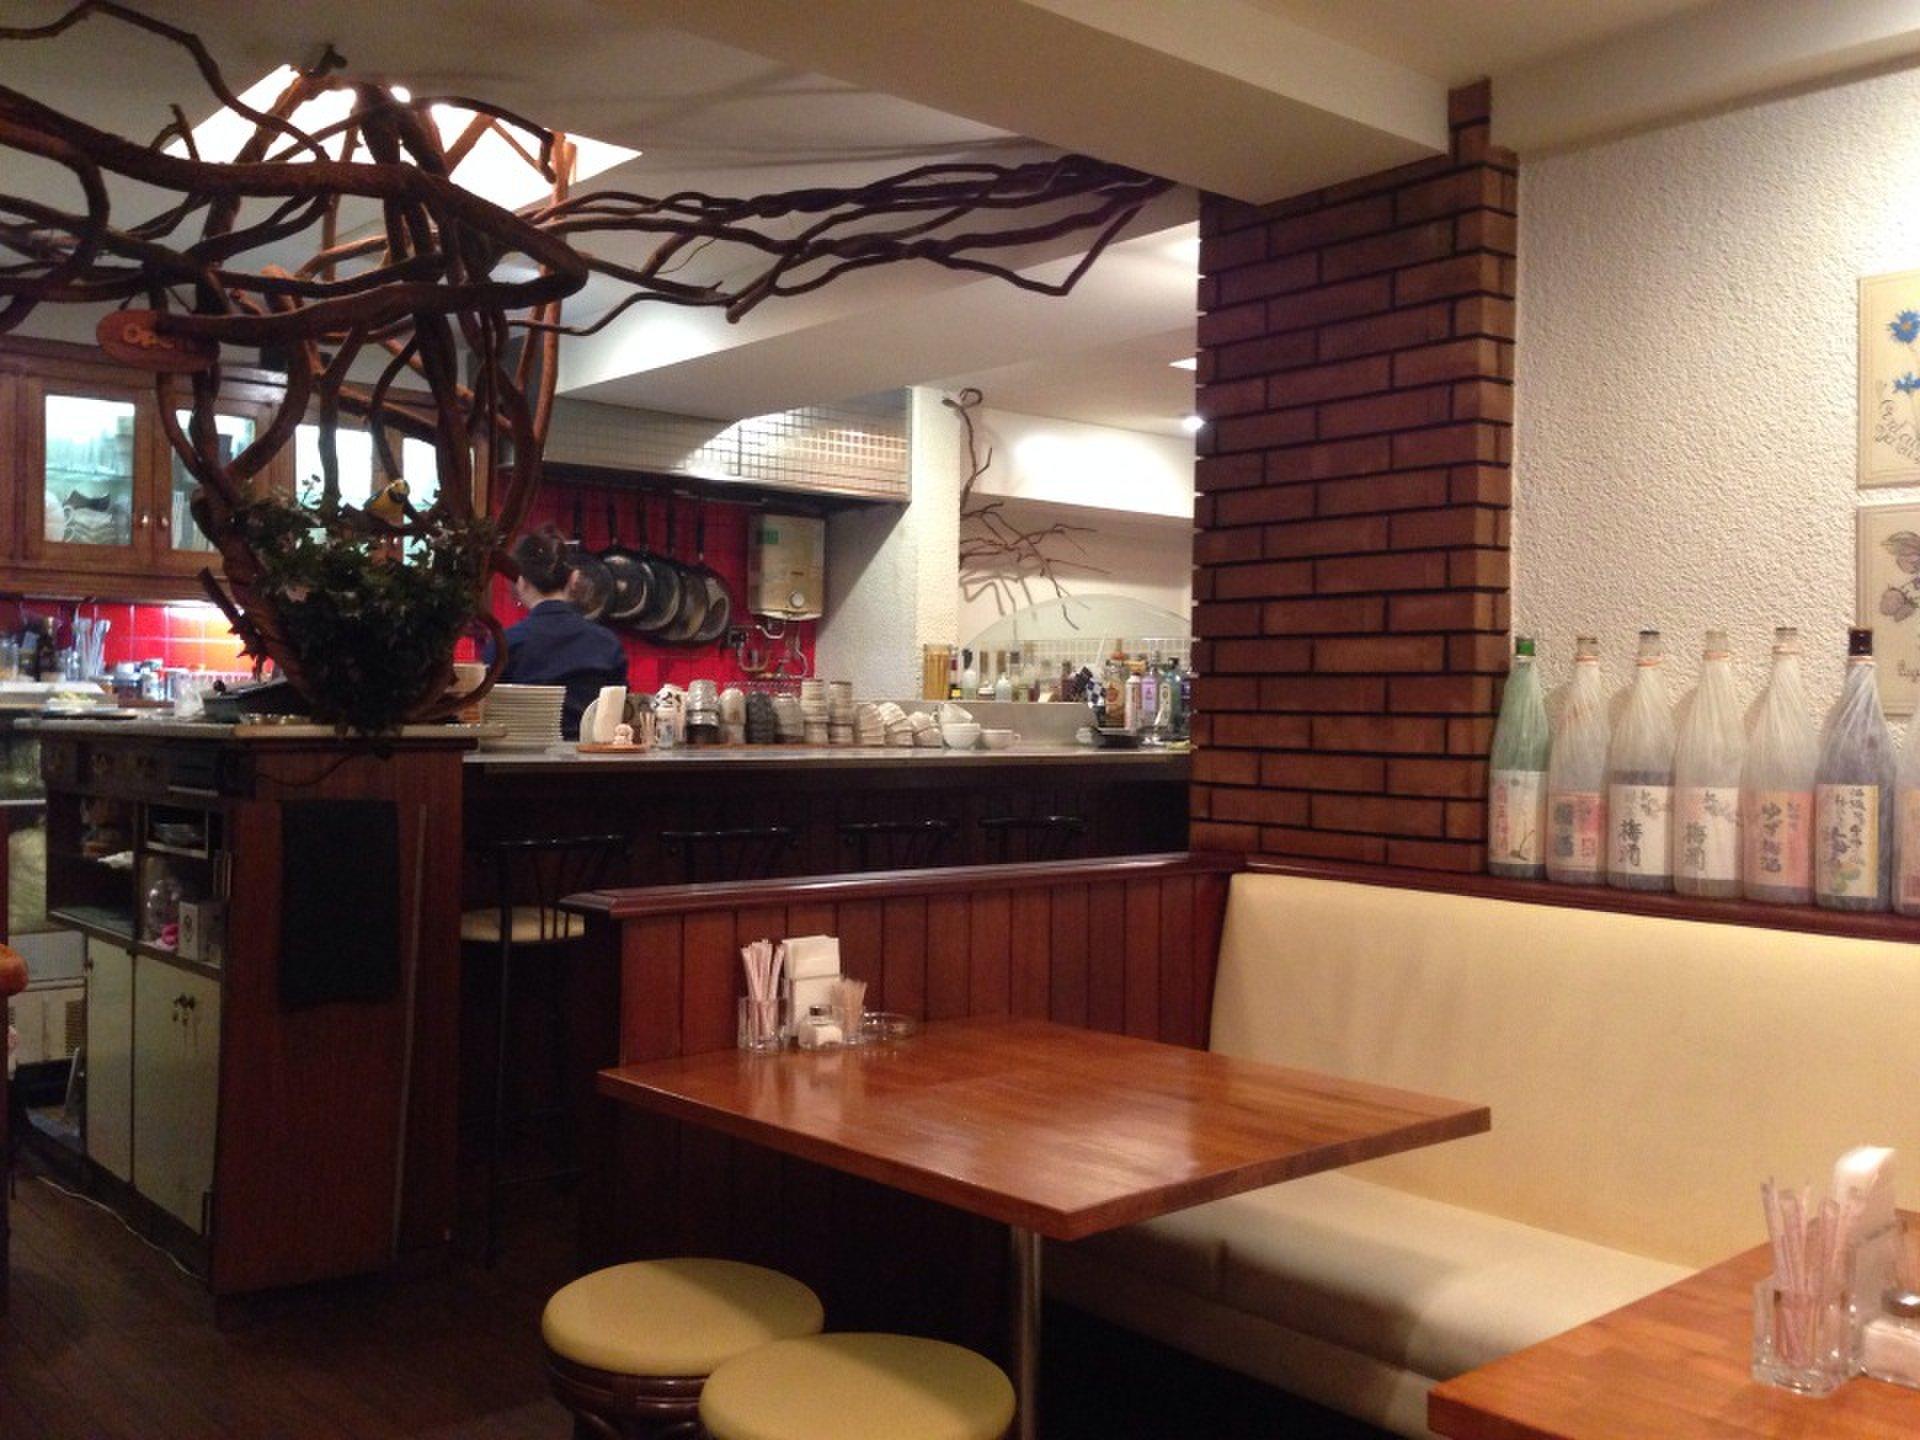 銀座の隠れ家カフェスポット!喫茶店『ふらいぱん』がアツい!!ひっそりゆったり時間をつぶすならここへ